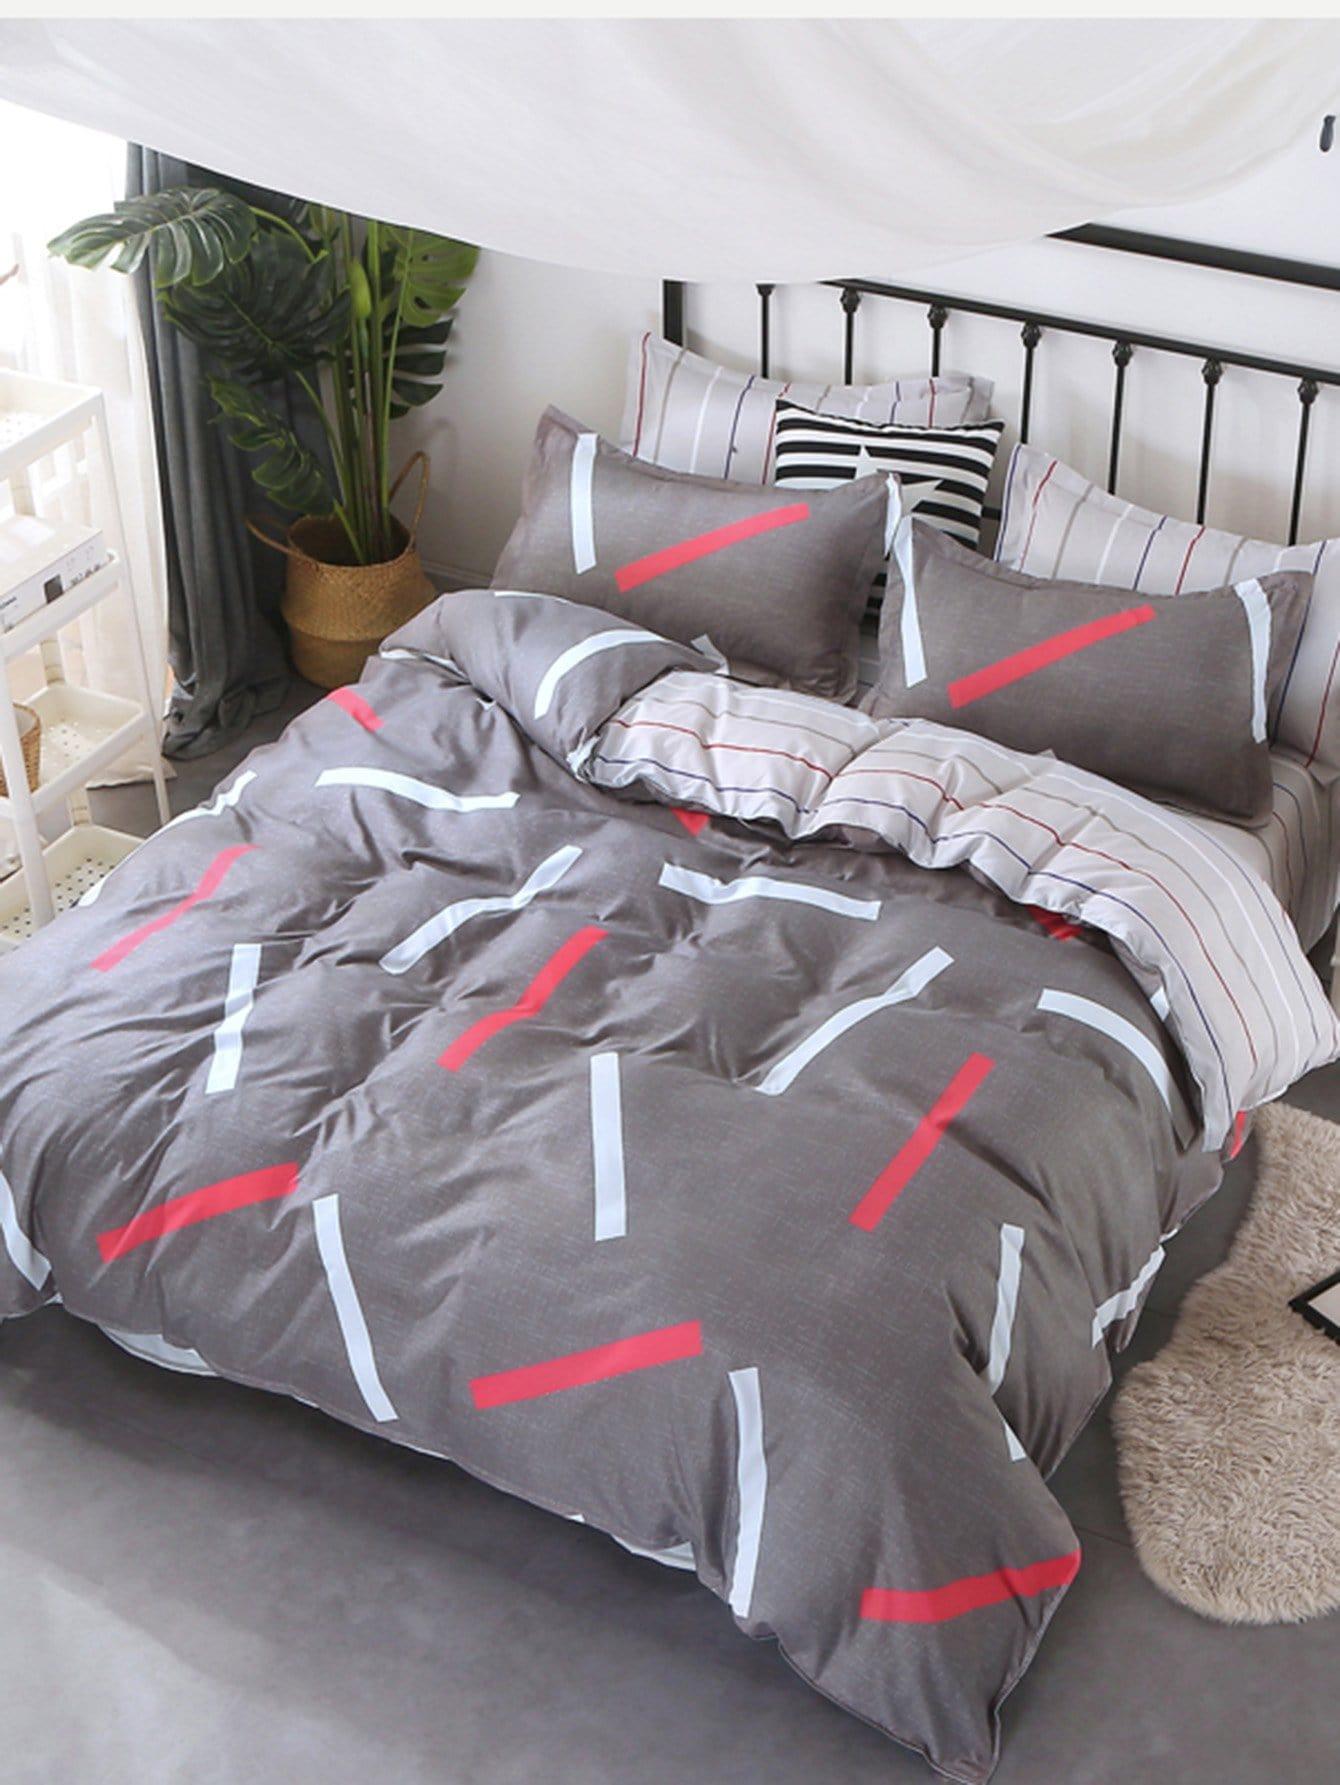 Купить Комплект полосатого постельного белья с рисунками геометрических фигур, null, SheIn